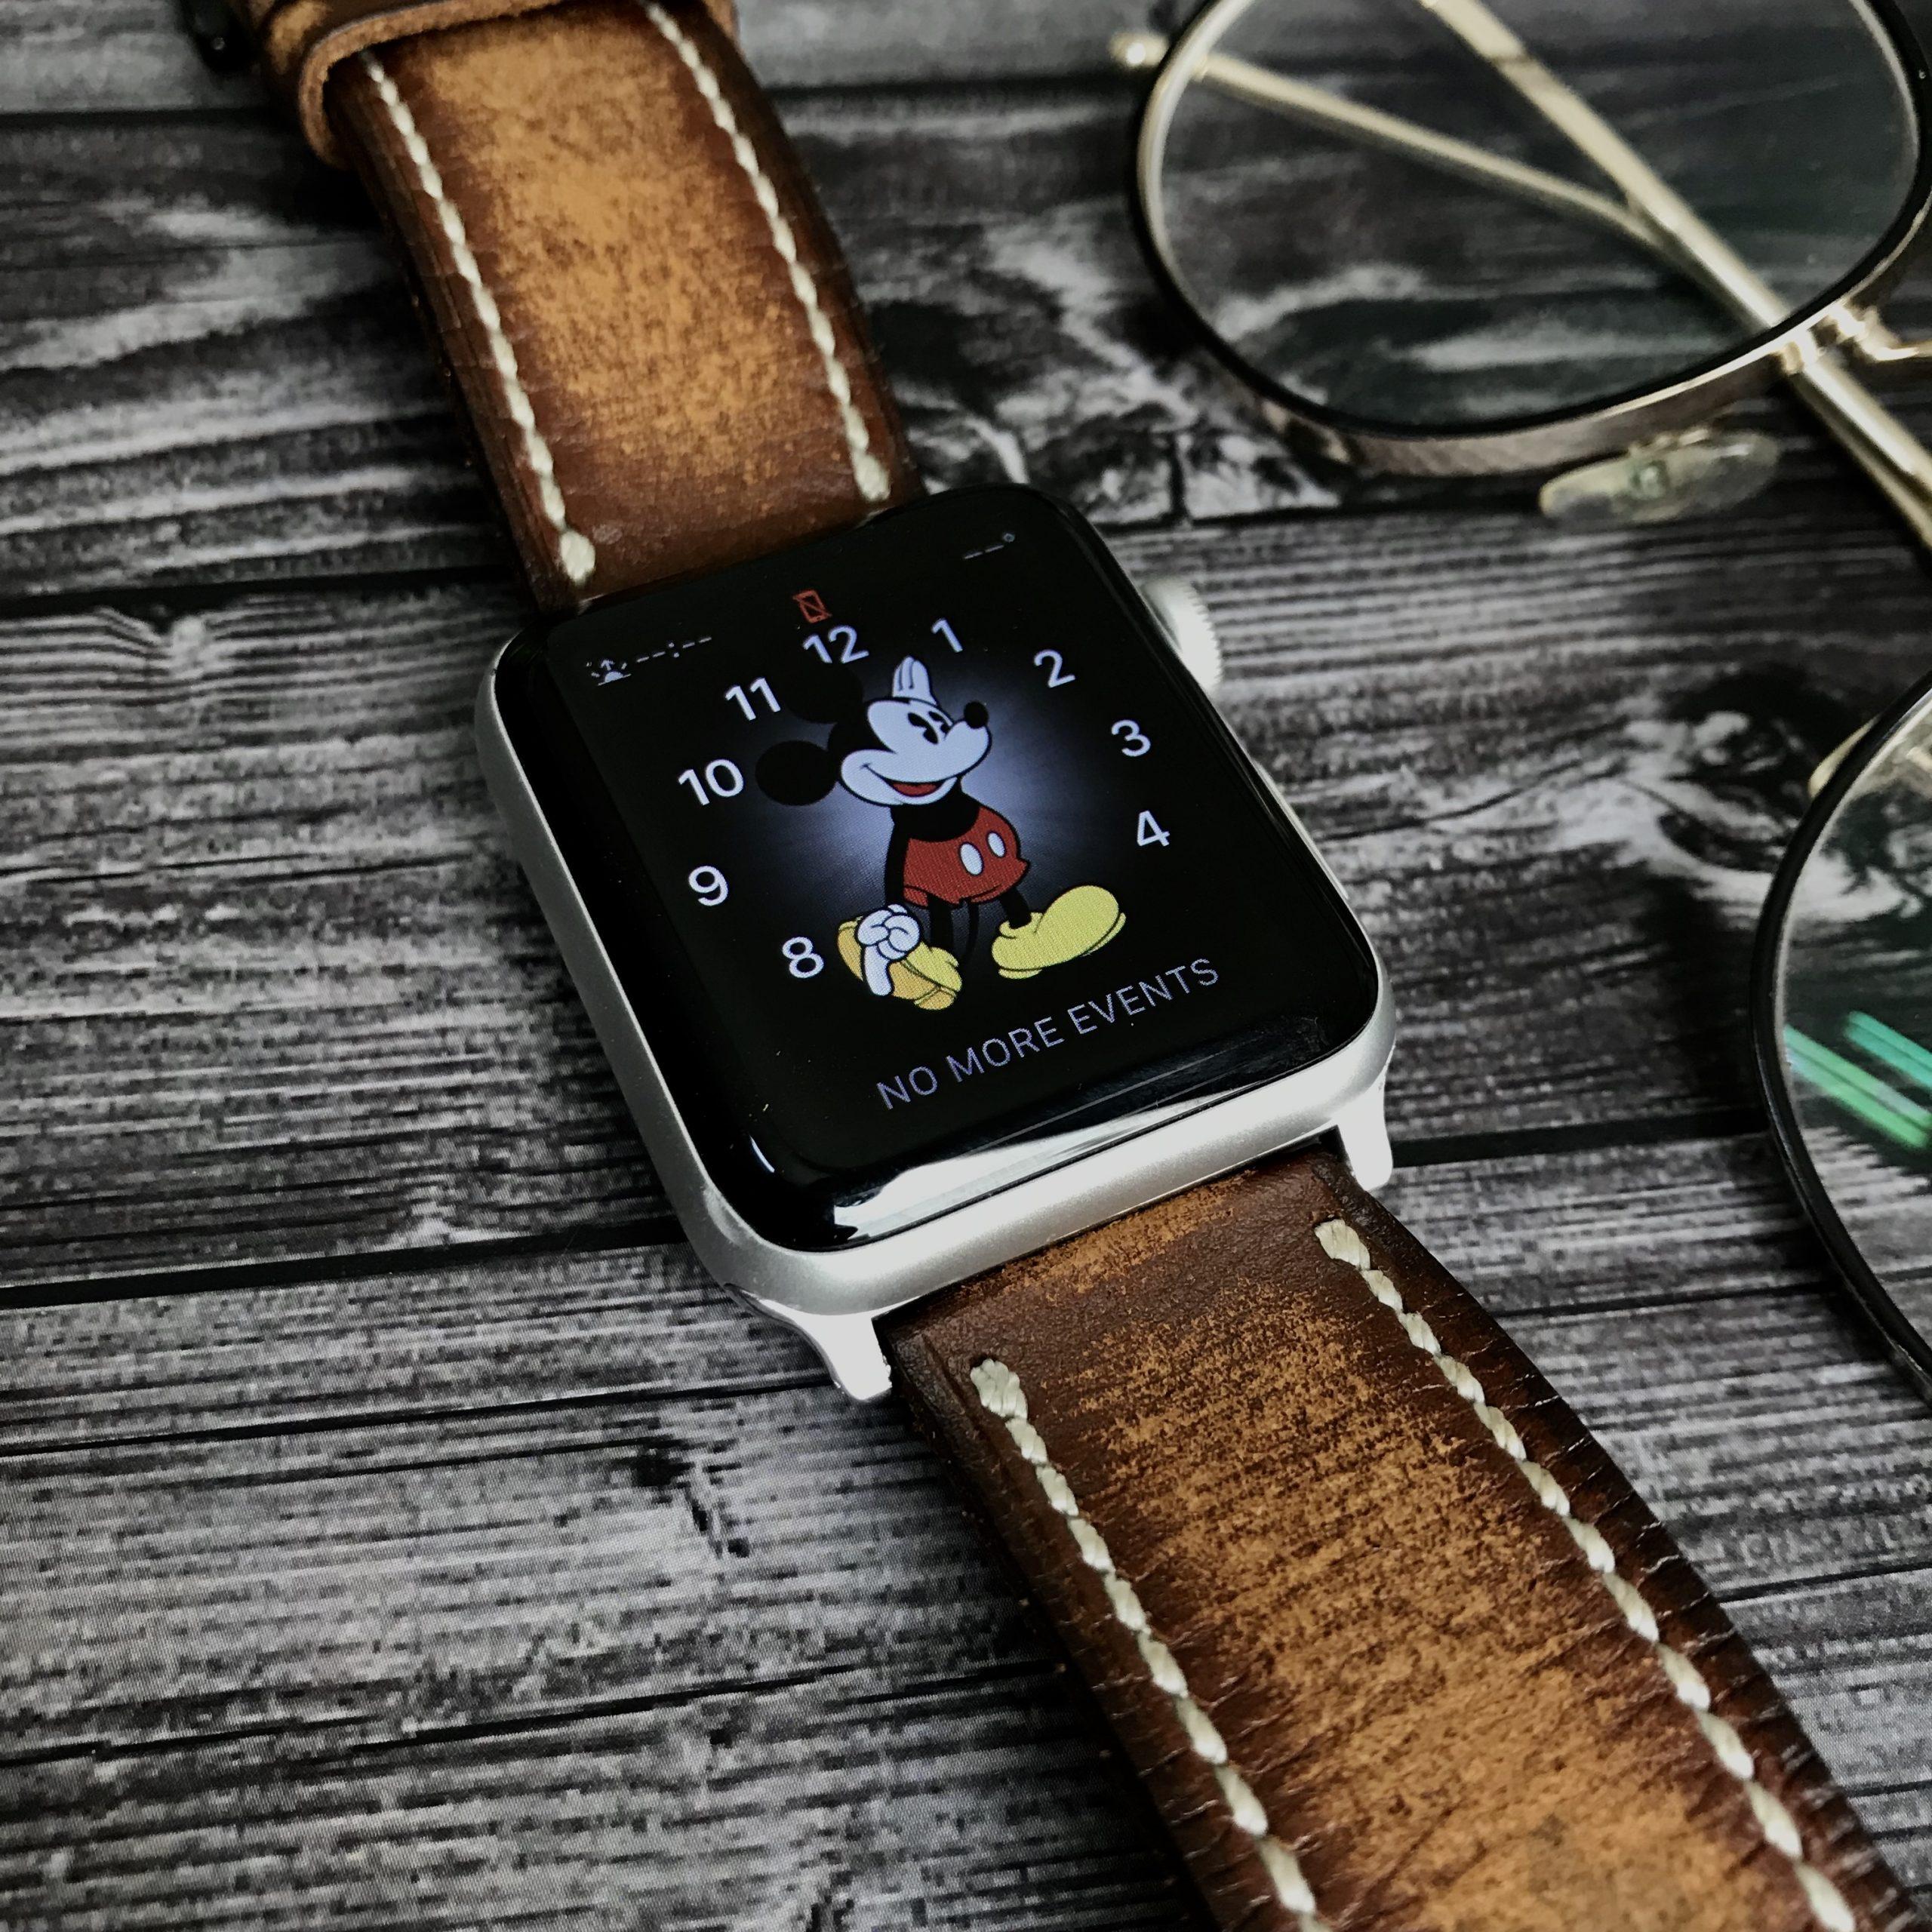 porteur-straps-michelada-iwatch (2)